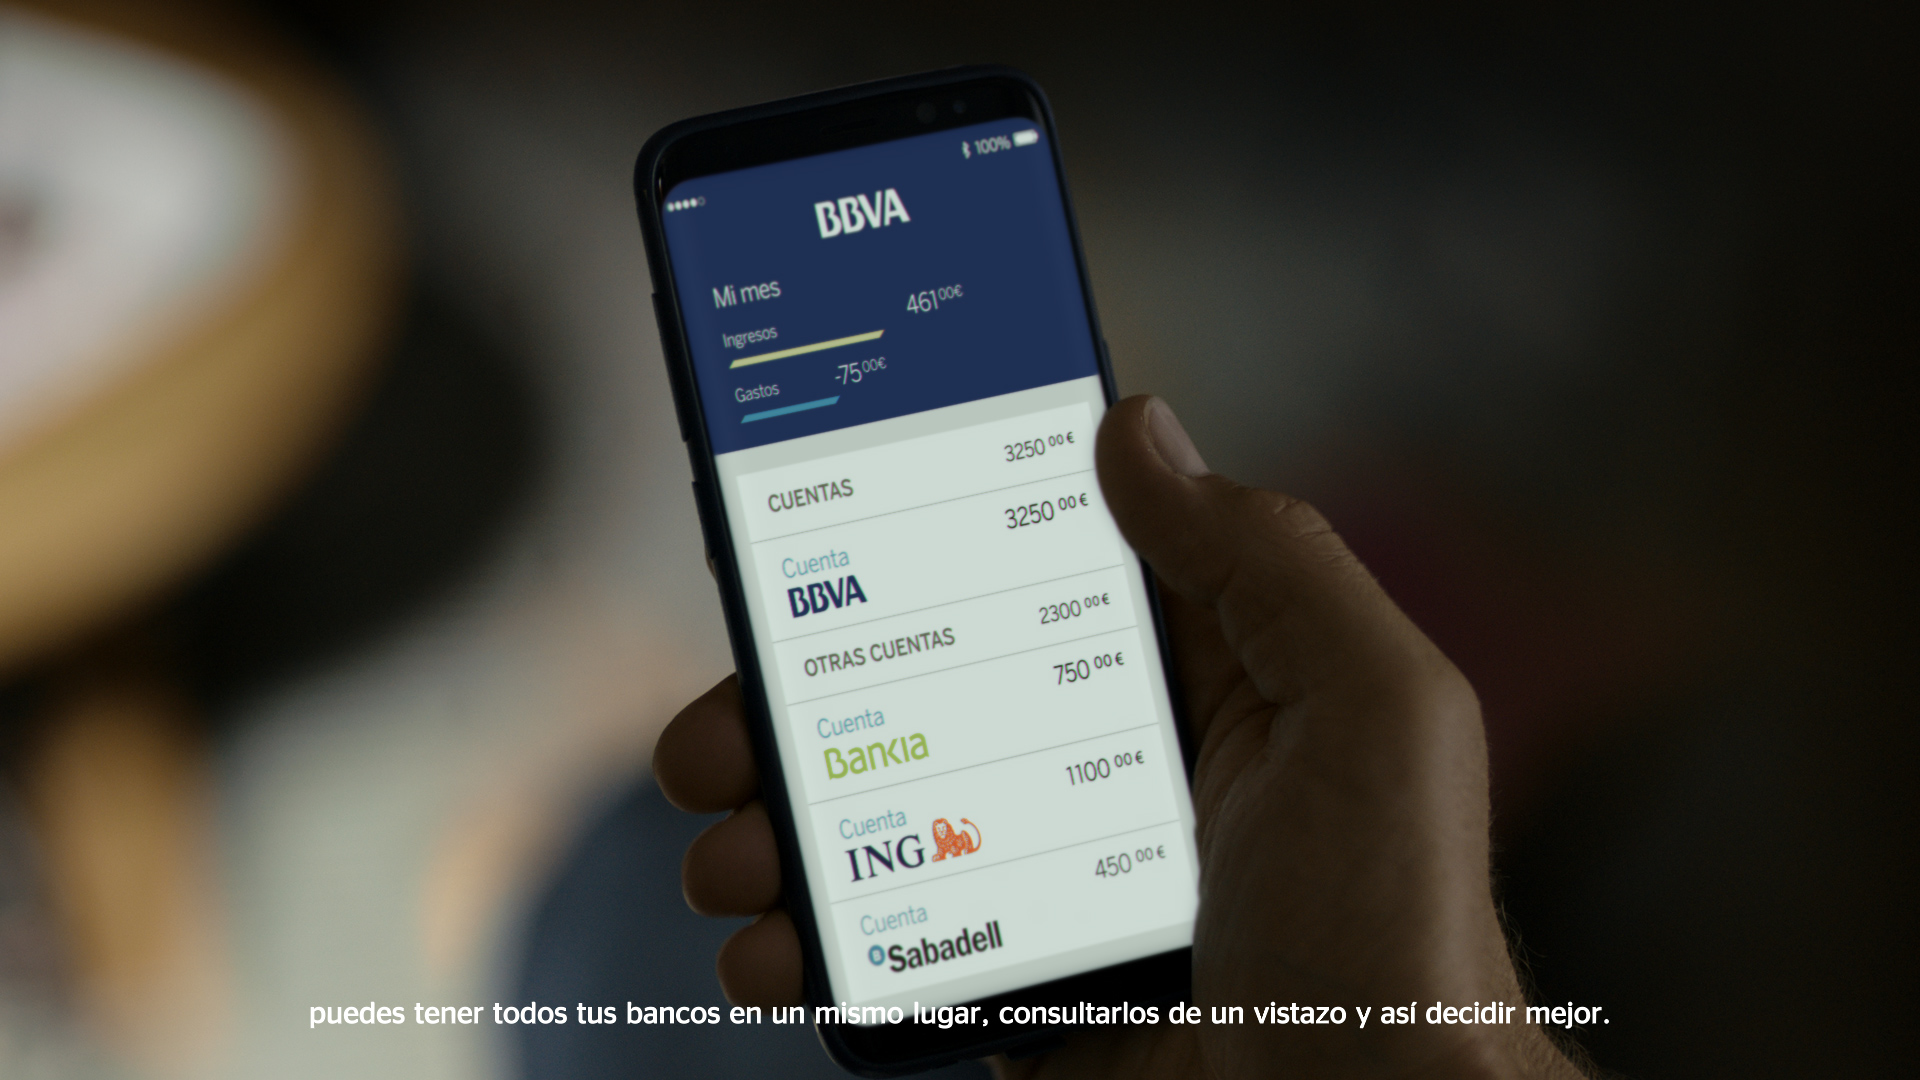 Imagen de una app de BBVA  para realizar gestiones bancarias